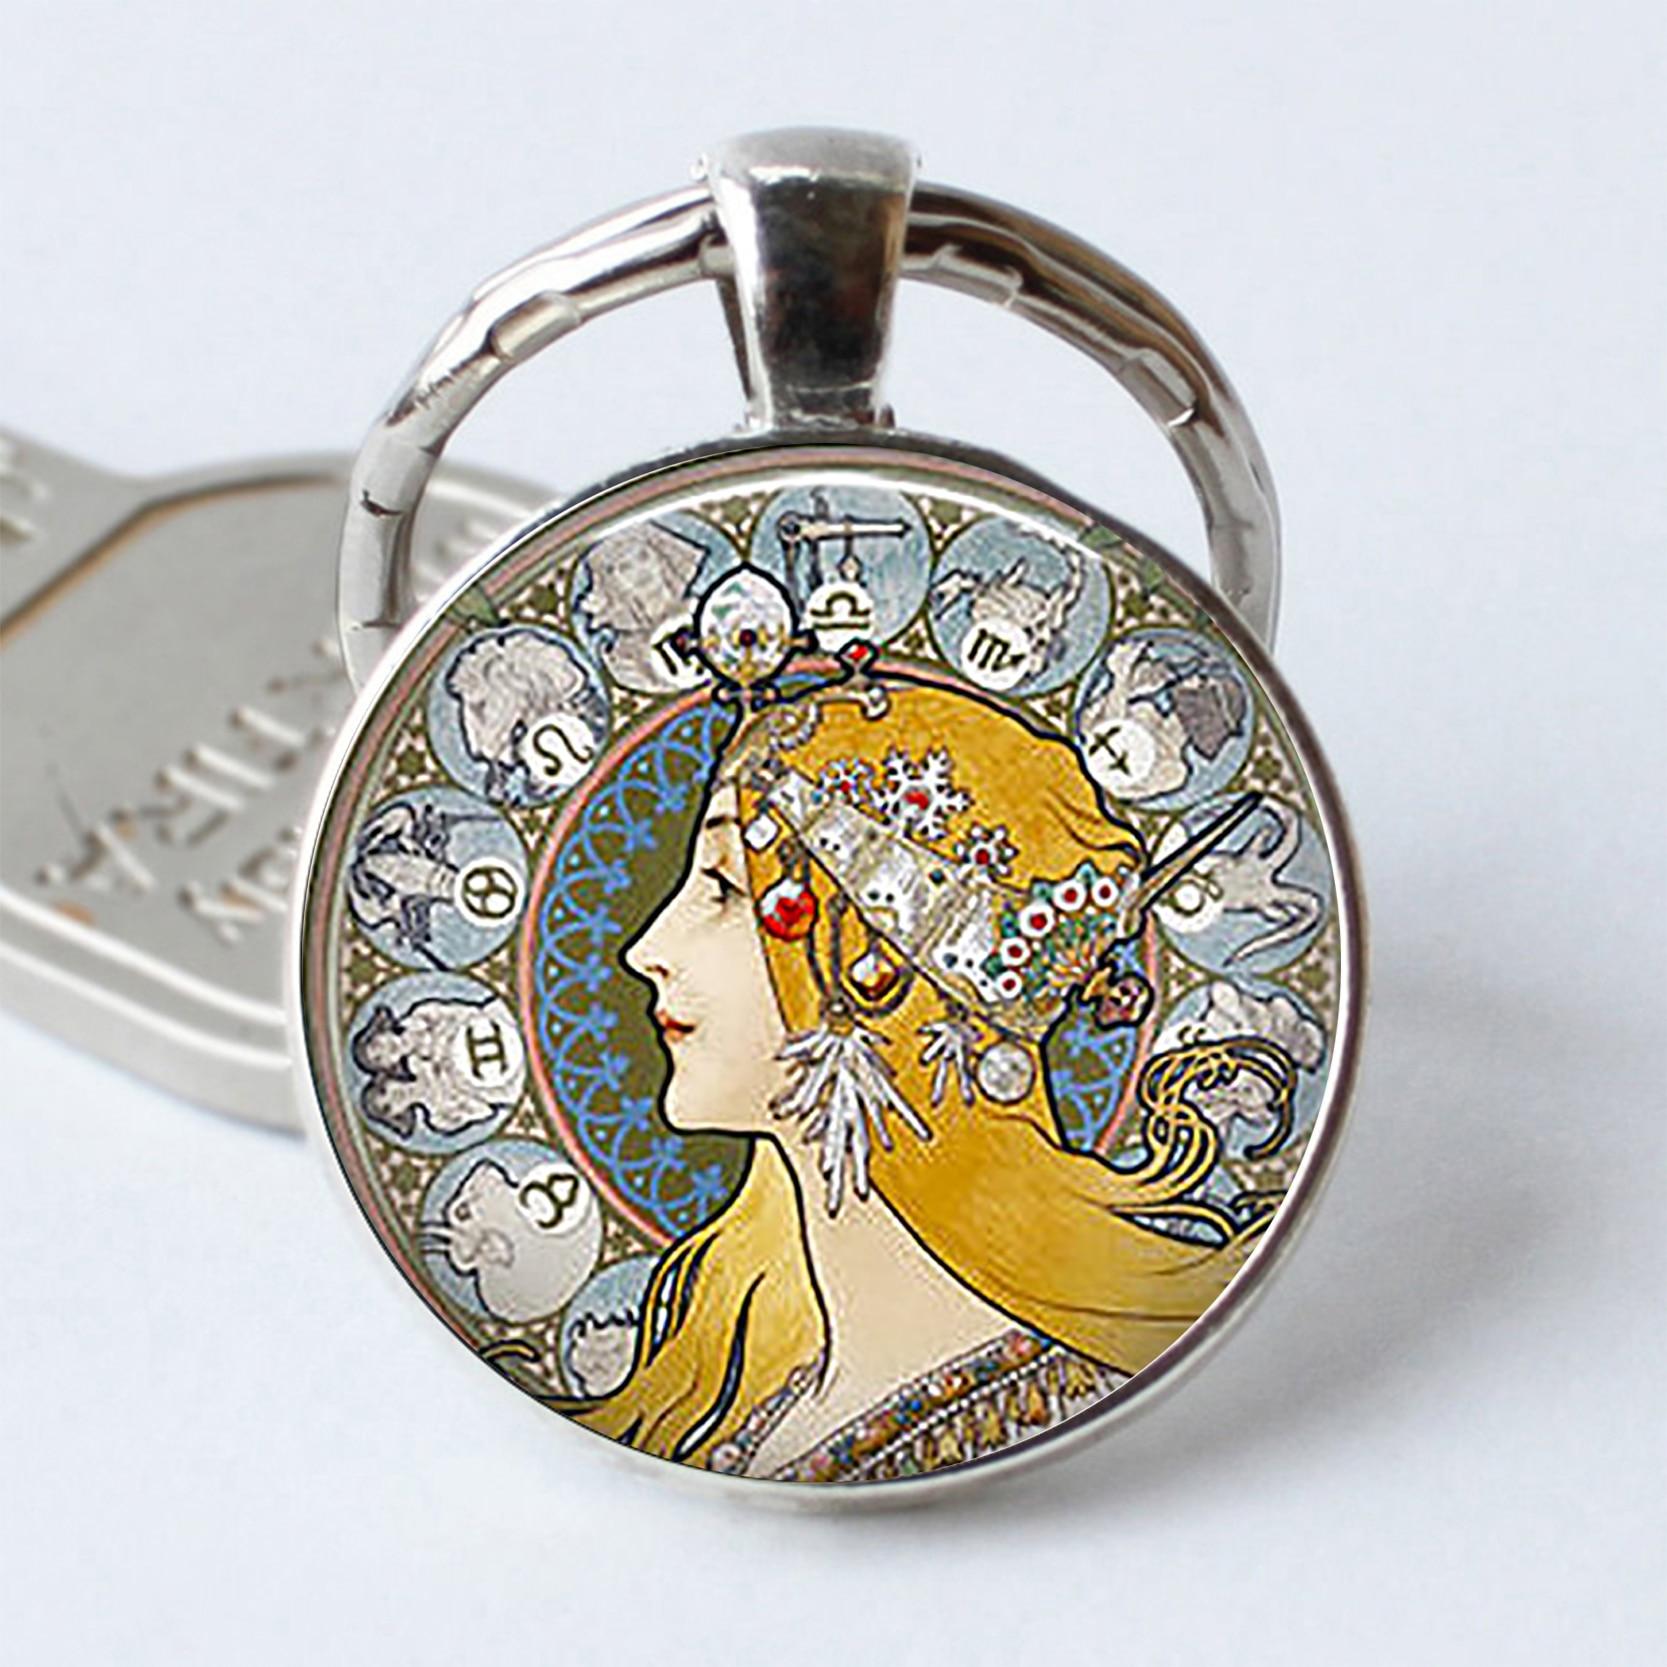 Art Nouveau porte-clés zodiaque bijoux Mucha Art La Plume porte-clés astrologie rétro cadeau Cabochon d'astrologue porte-clés